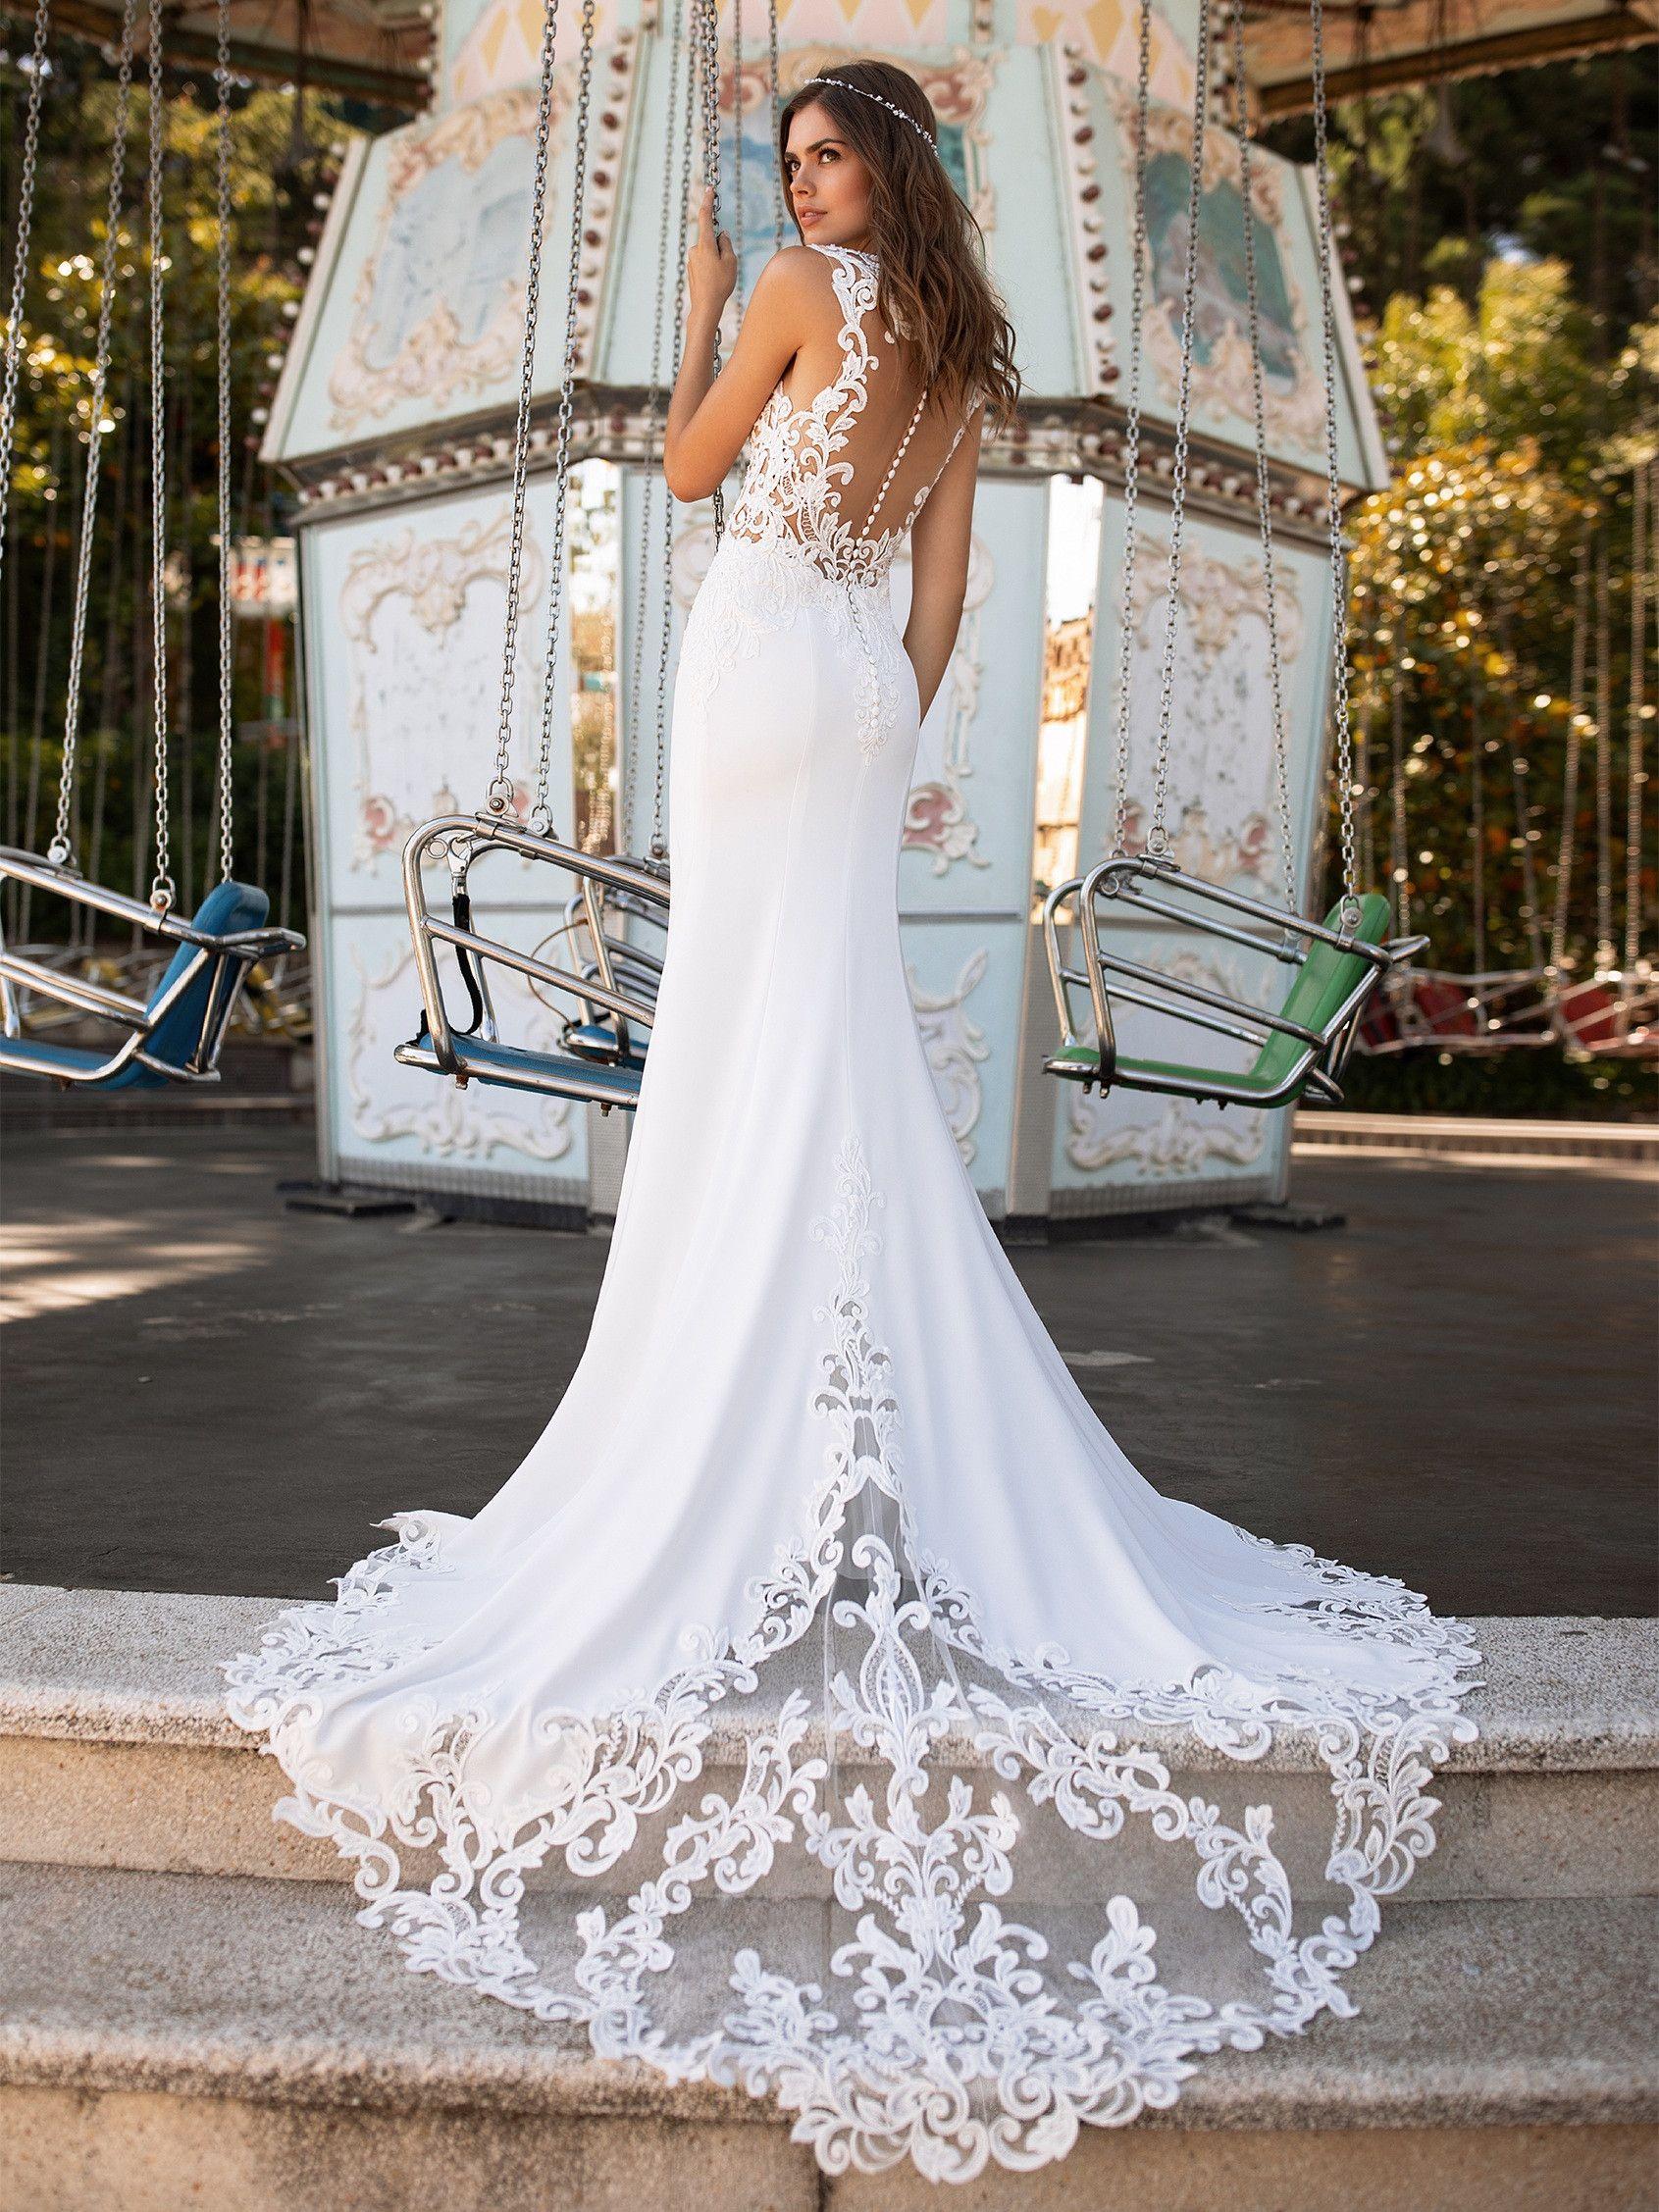 Pin On Wedding [ 2255 x 1691 Pixel ]